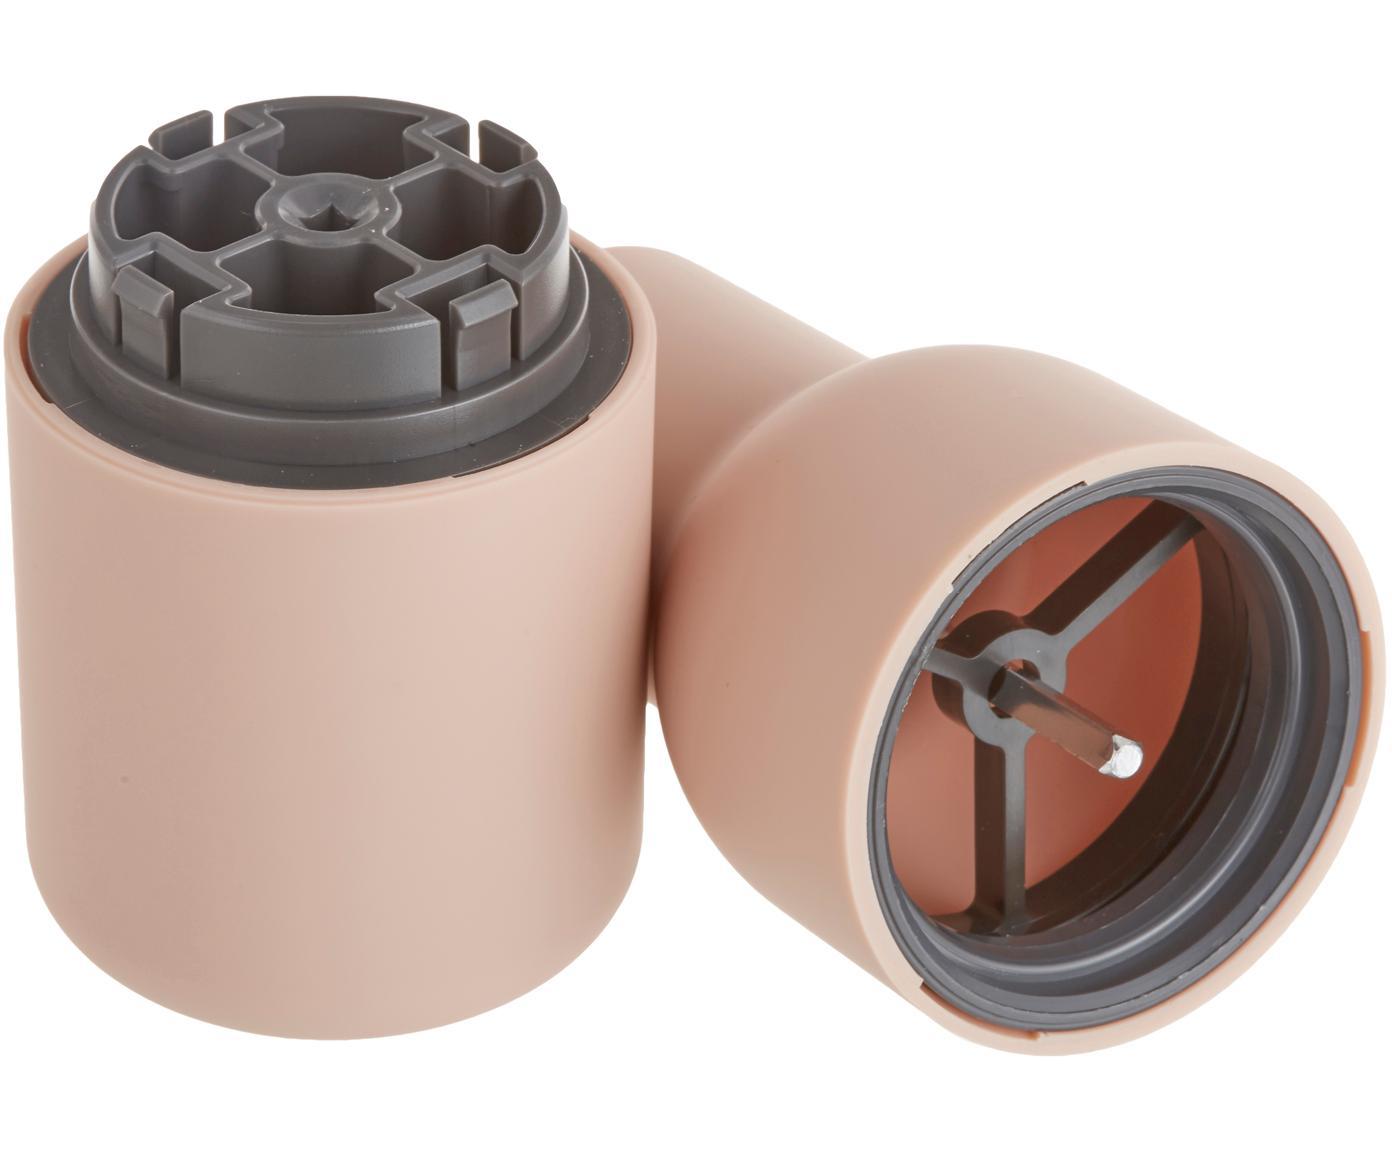 Komplet młynków Bottle Grinder, 2 elem., Korpus: tworzywo sztuczne, Odcienie różowego, Ø 8 x W 21 cm